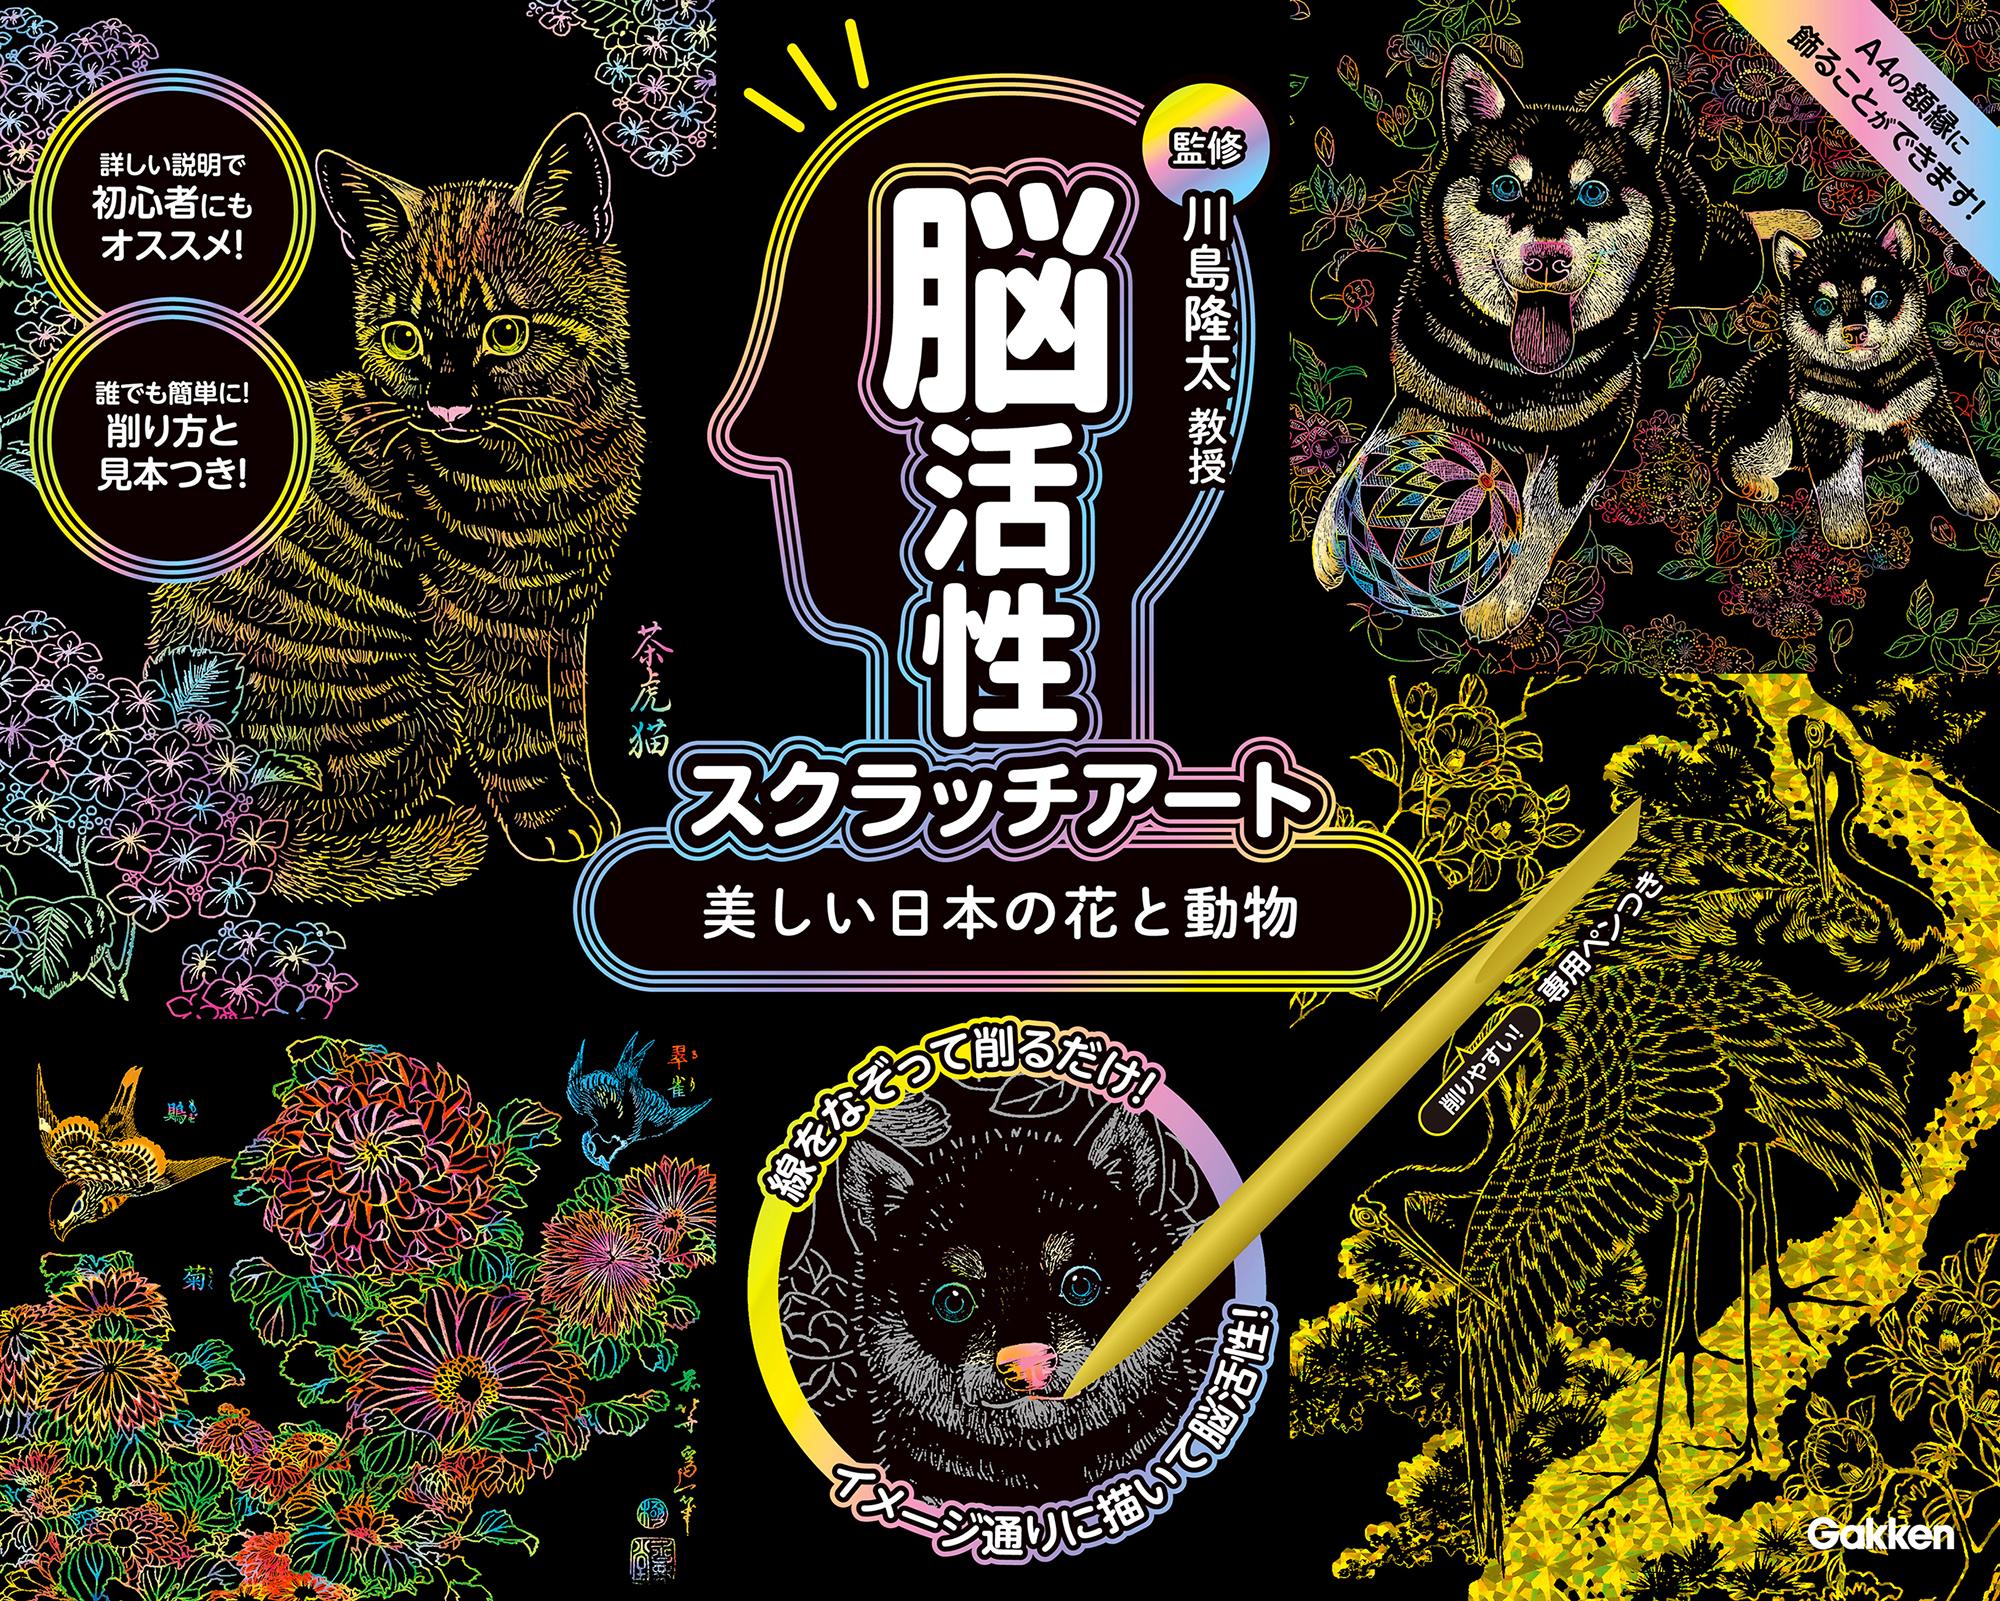 『川島隆太監修 脳活性スクラッチアート 美しい日本の花と動物』パッケージ